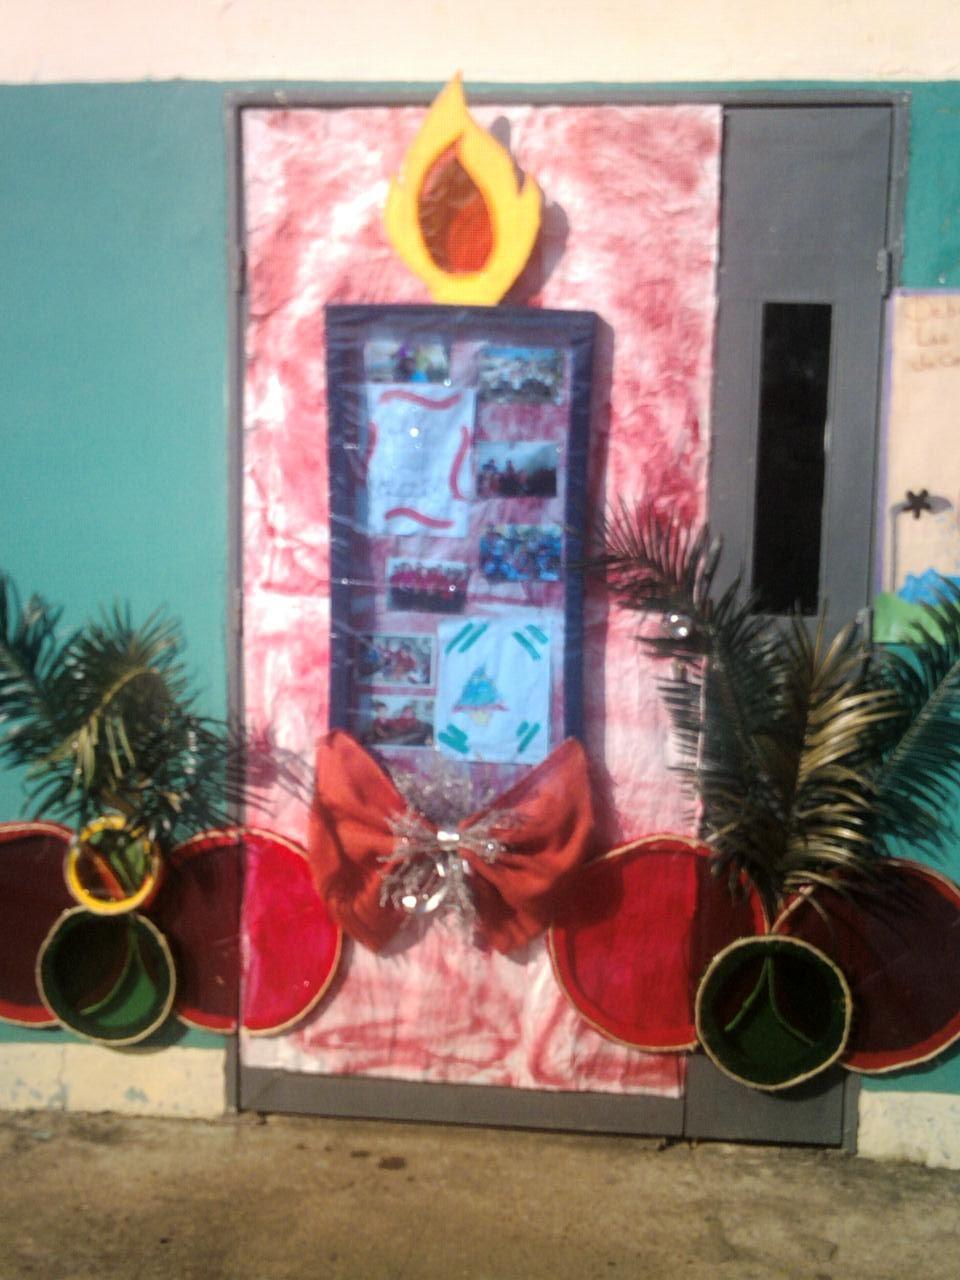 Vela gigante decoraci n puertas para el cole puertas for Puertas decoradas navidad colegio